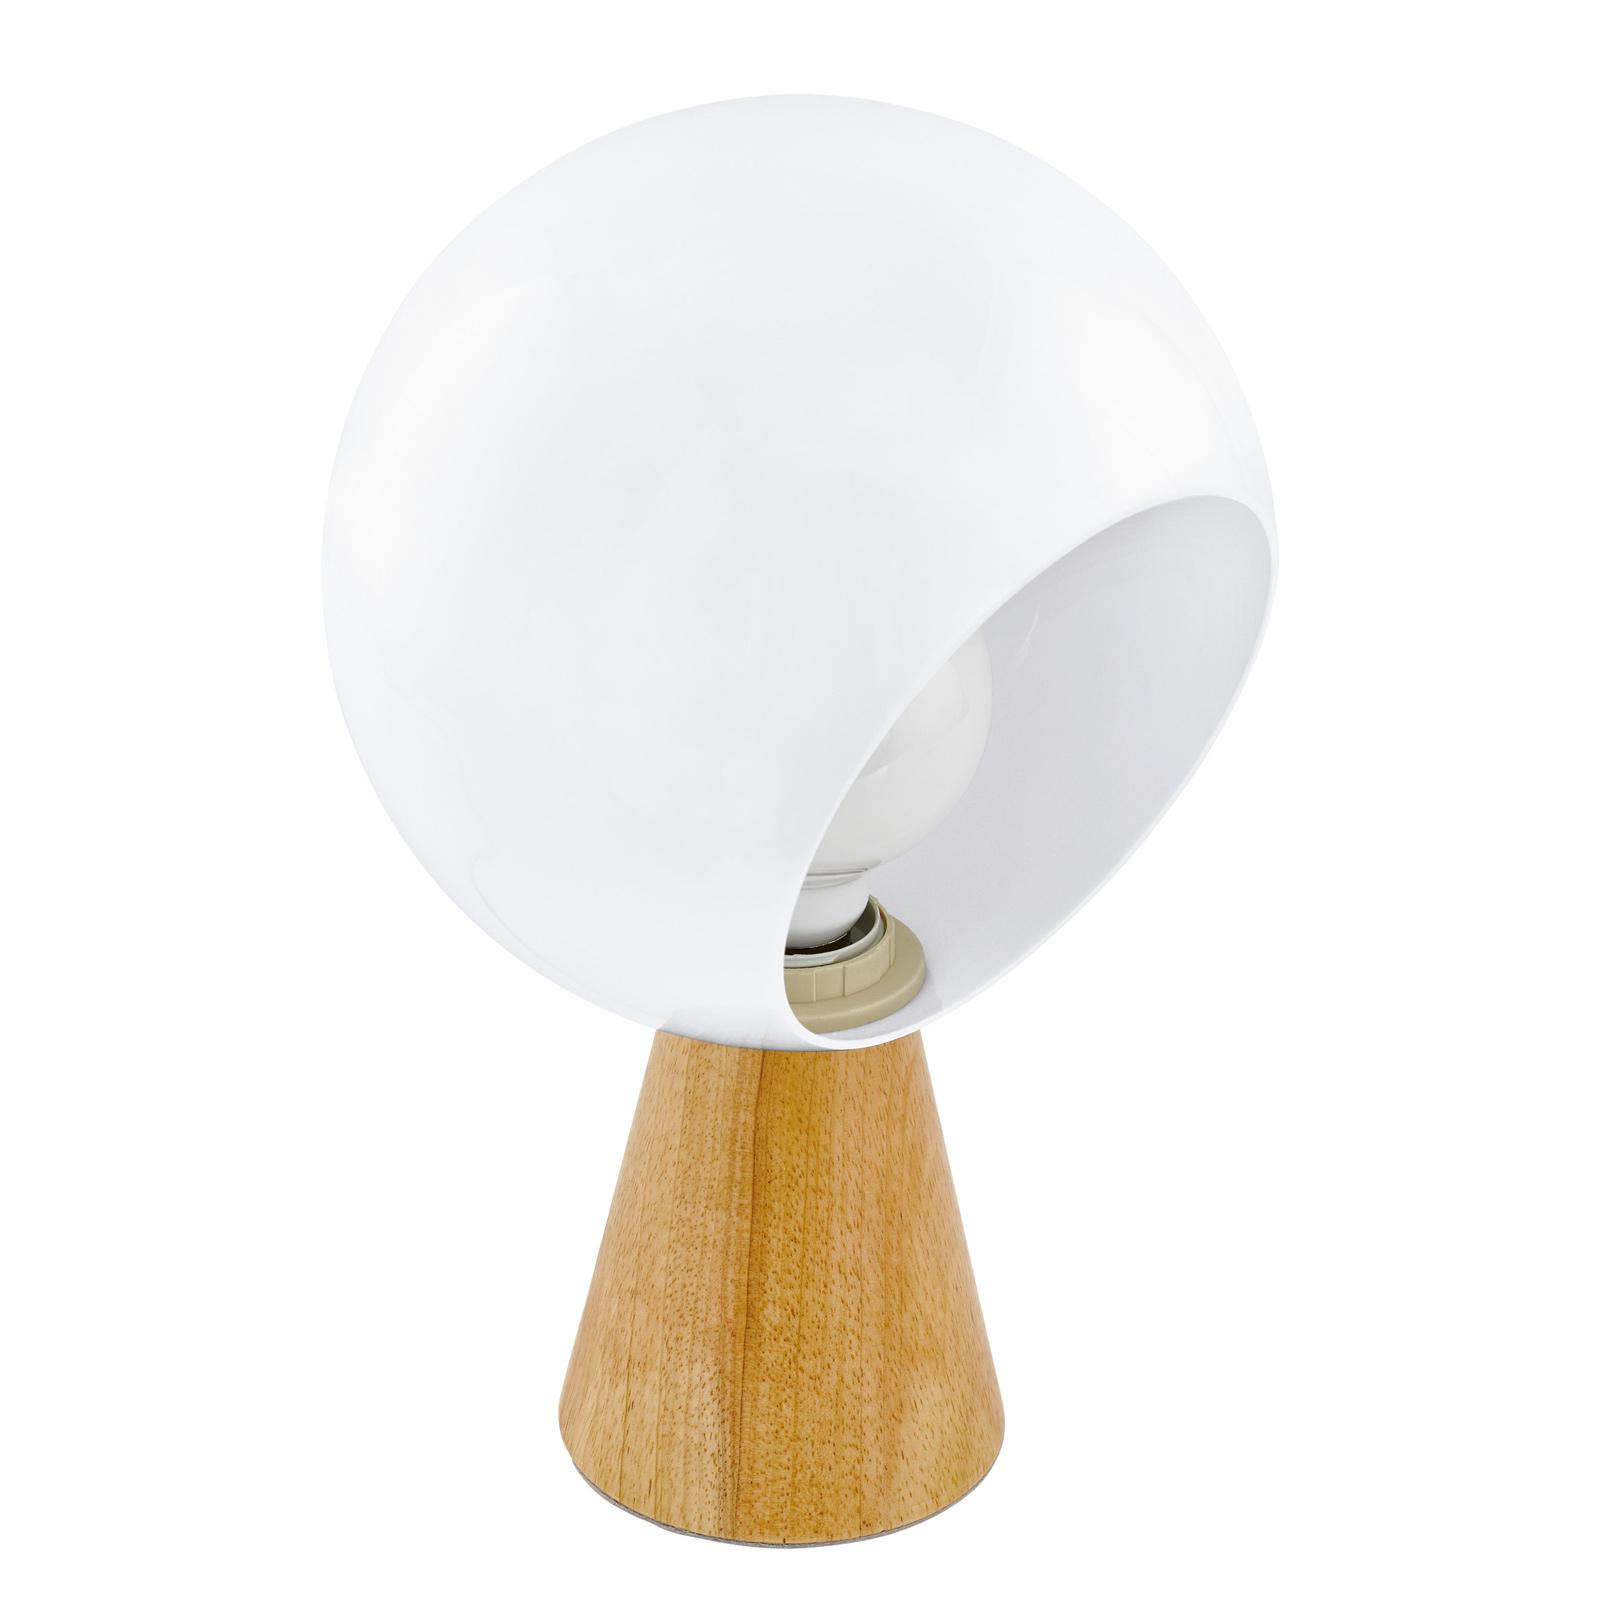 Lampe à poser Mamblas pied bois & abat-jour sphère